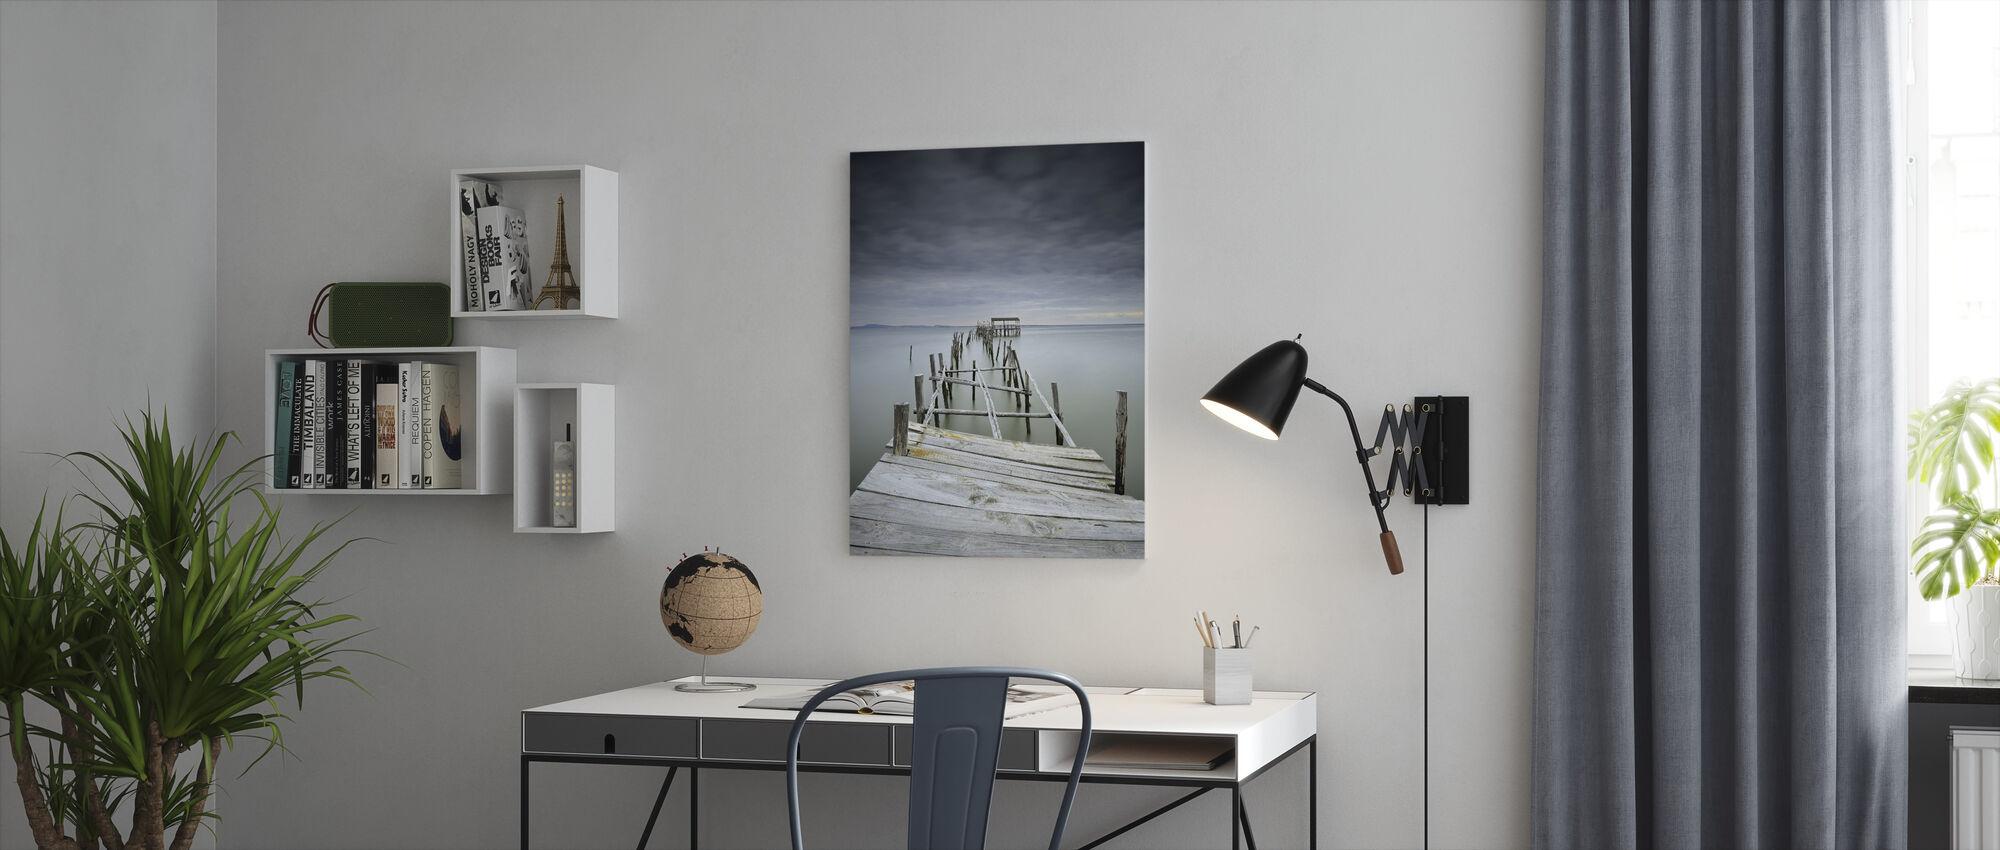 Onbereikbaar - Canvas print - Kantoor